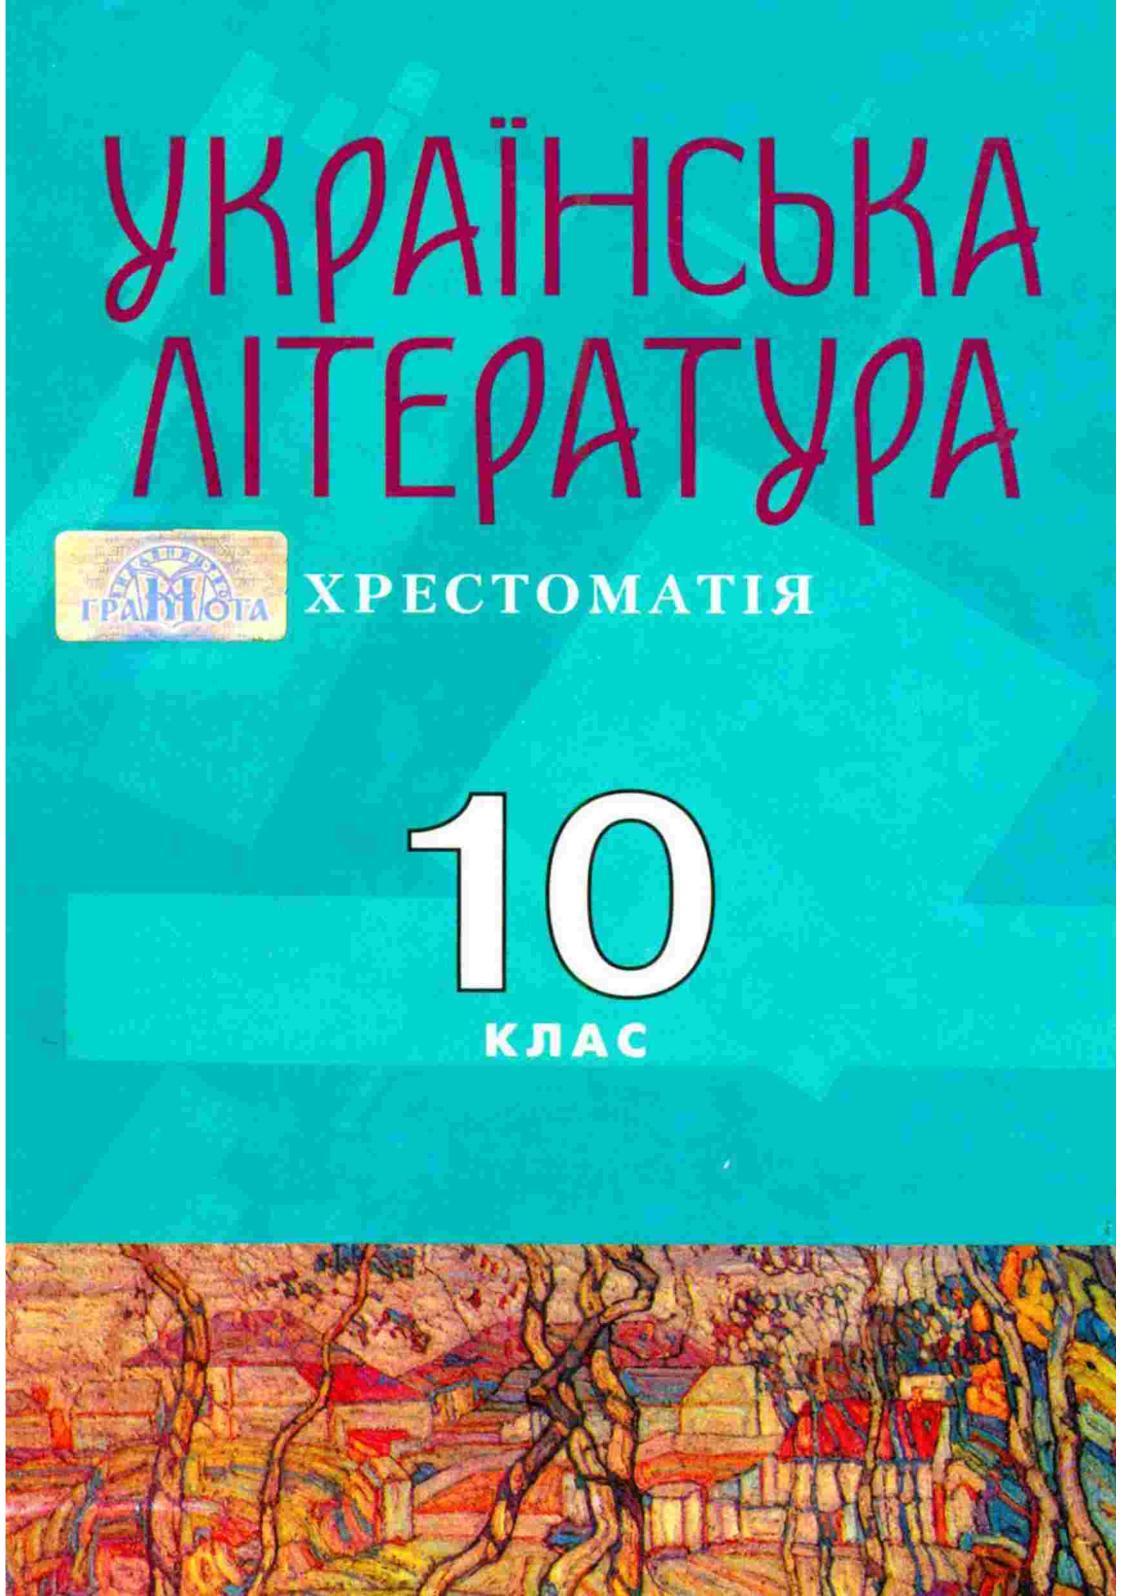 Calaméo - 10 клас. Українська література. Хрестоматія (Авраменко) - 2010 295f97e3b0443